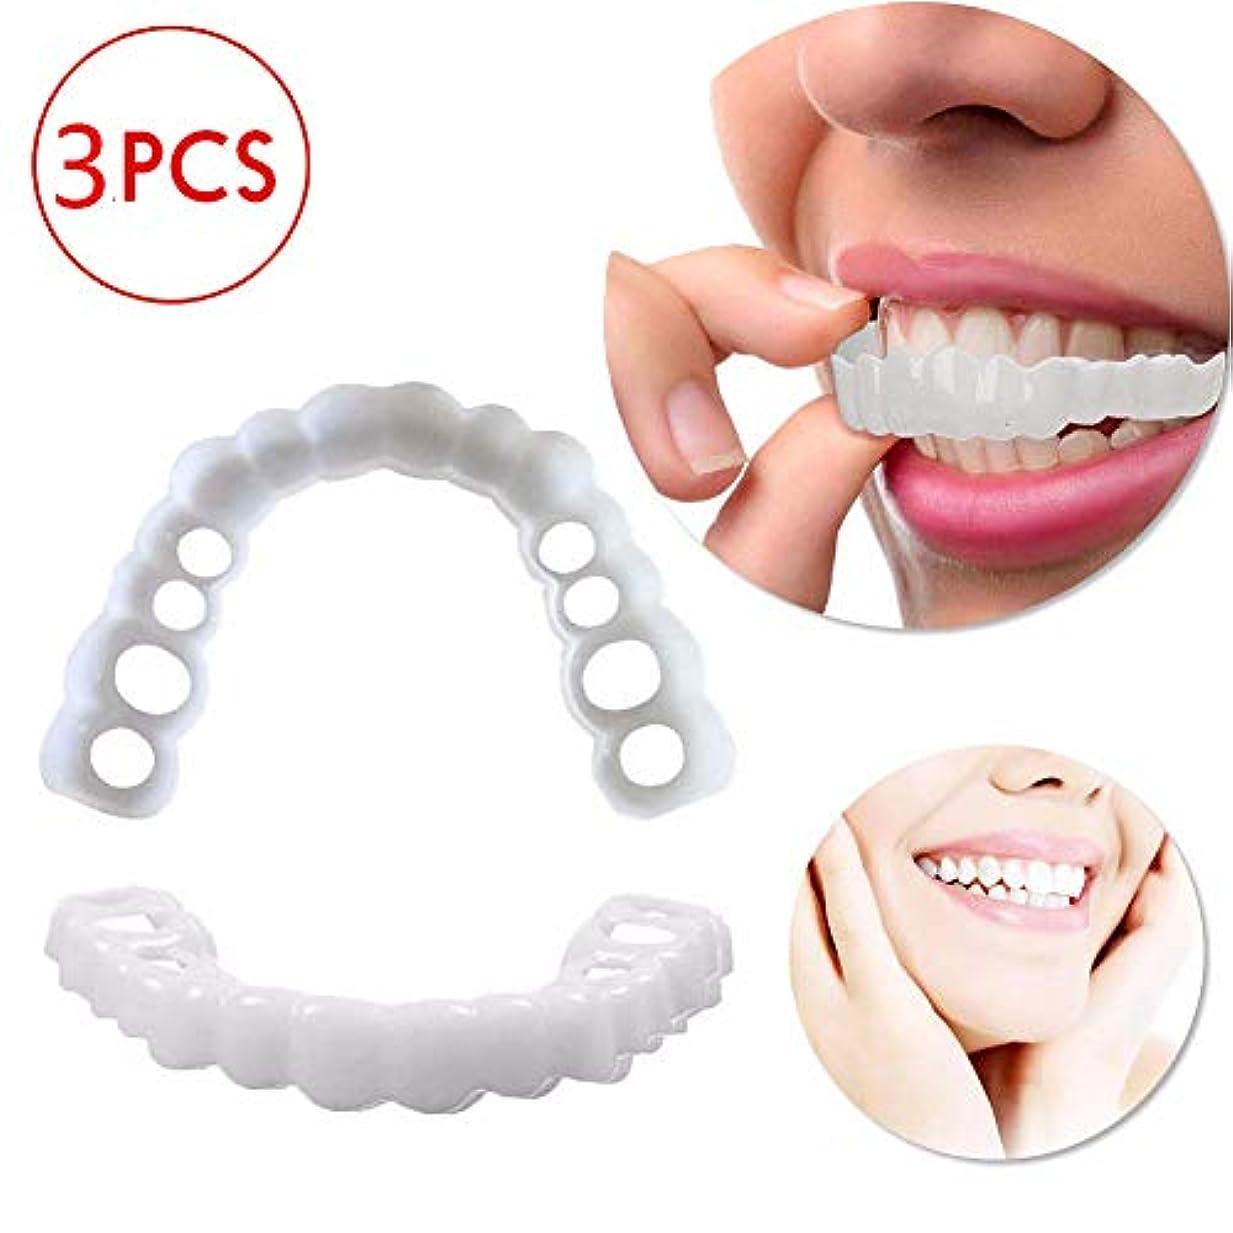 ティームミケランジェロブラスト3ピース一時的な歯ベニヤブレース歯化粧品ホワイトニング義歯偽歯カバー収納ボックス付き,3pcslowerteeth